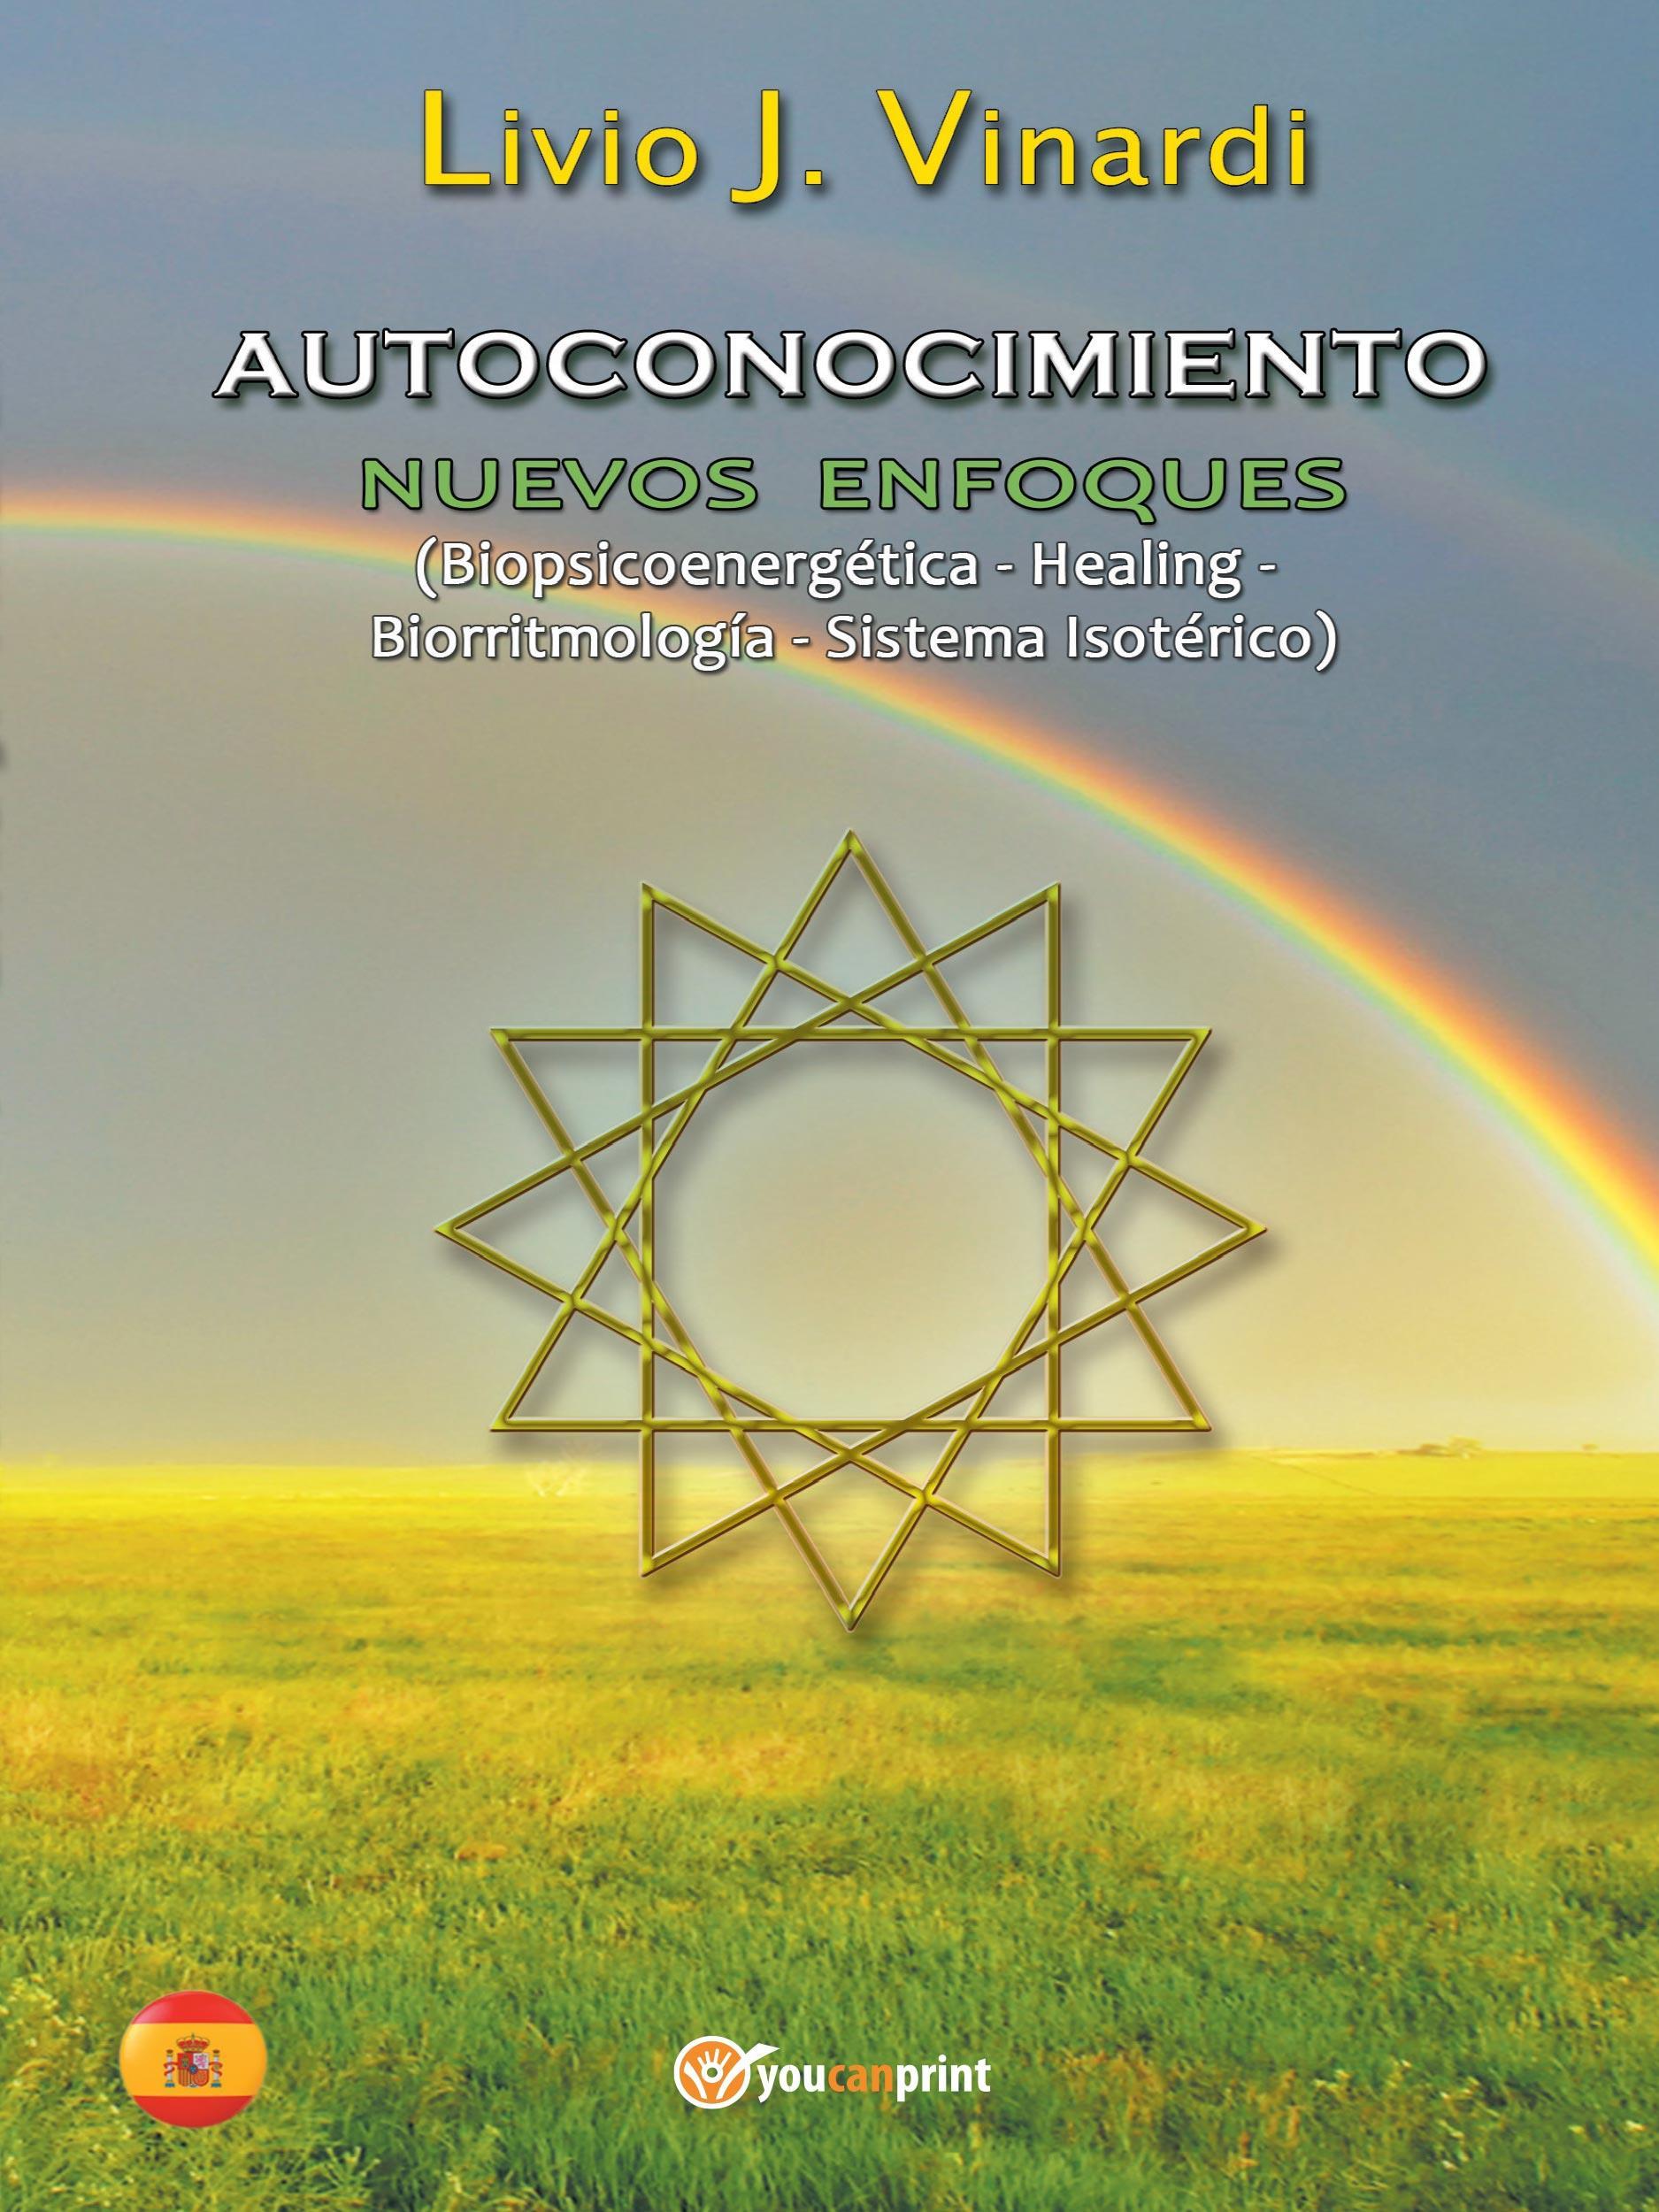 AUTOCONOCIMIENTO - Nuevos Enfoques (Biopsicoenergética, Healing, Biorritmología y Sistema Isotérico) (EN ESPAÑOL)